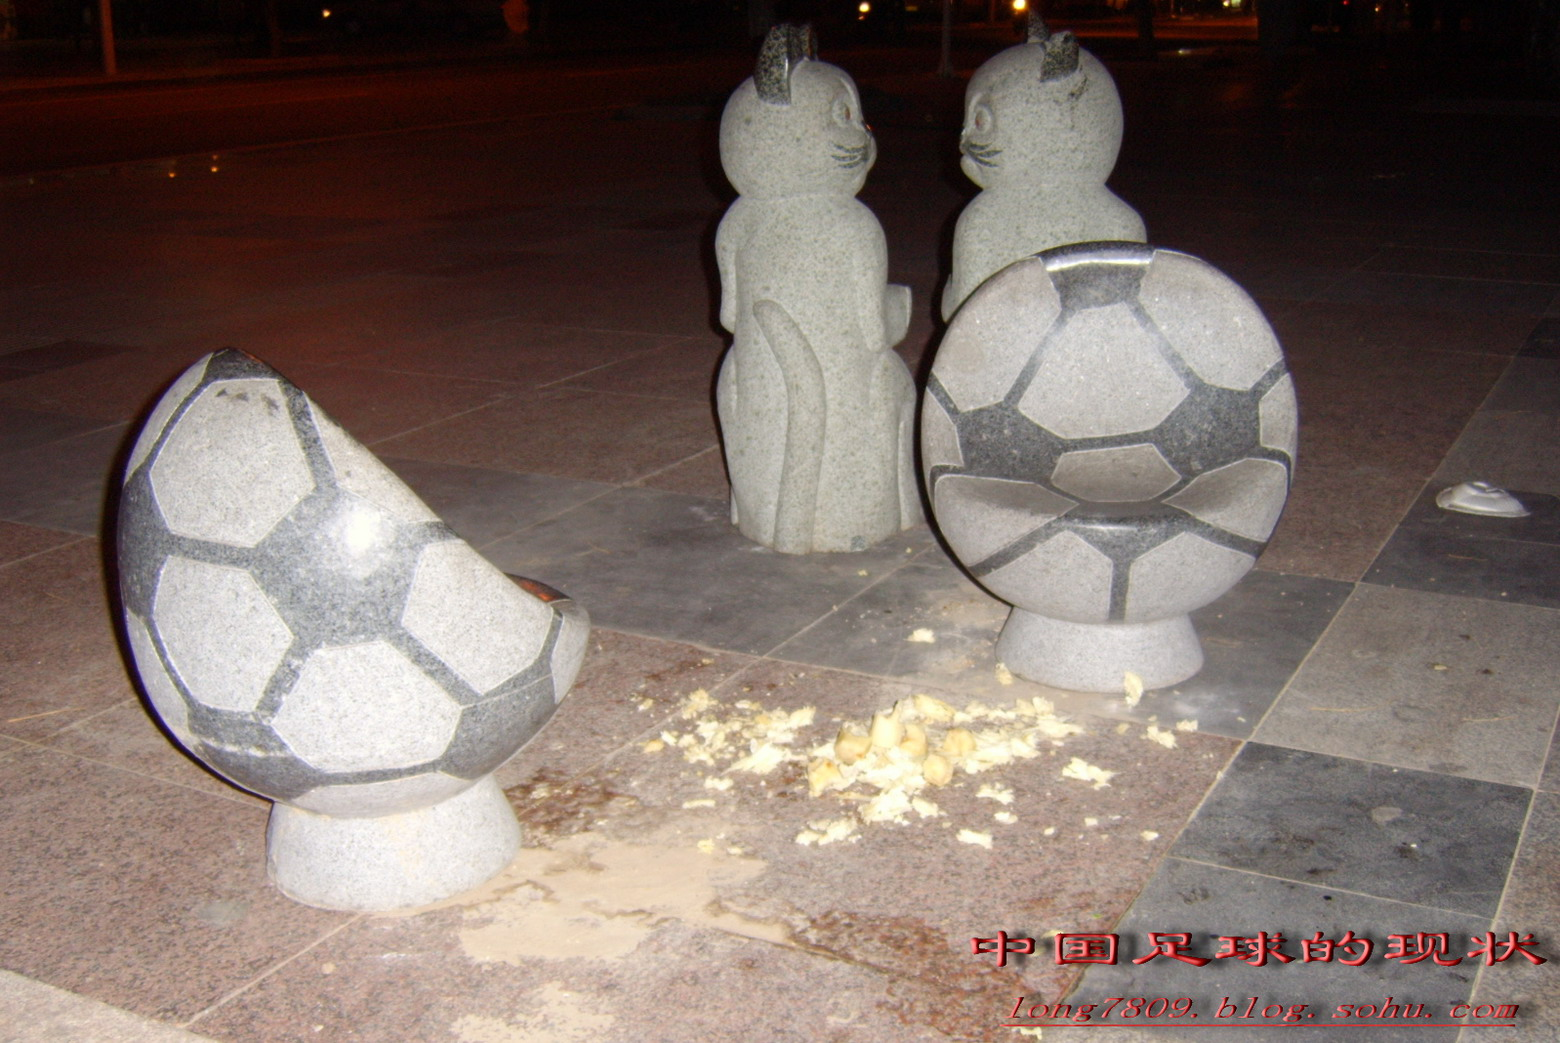 [原创] 中国足球的现状